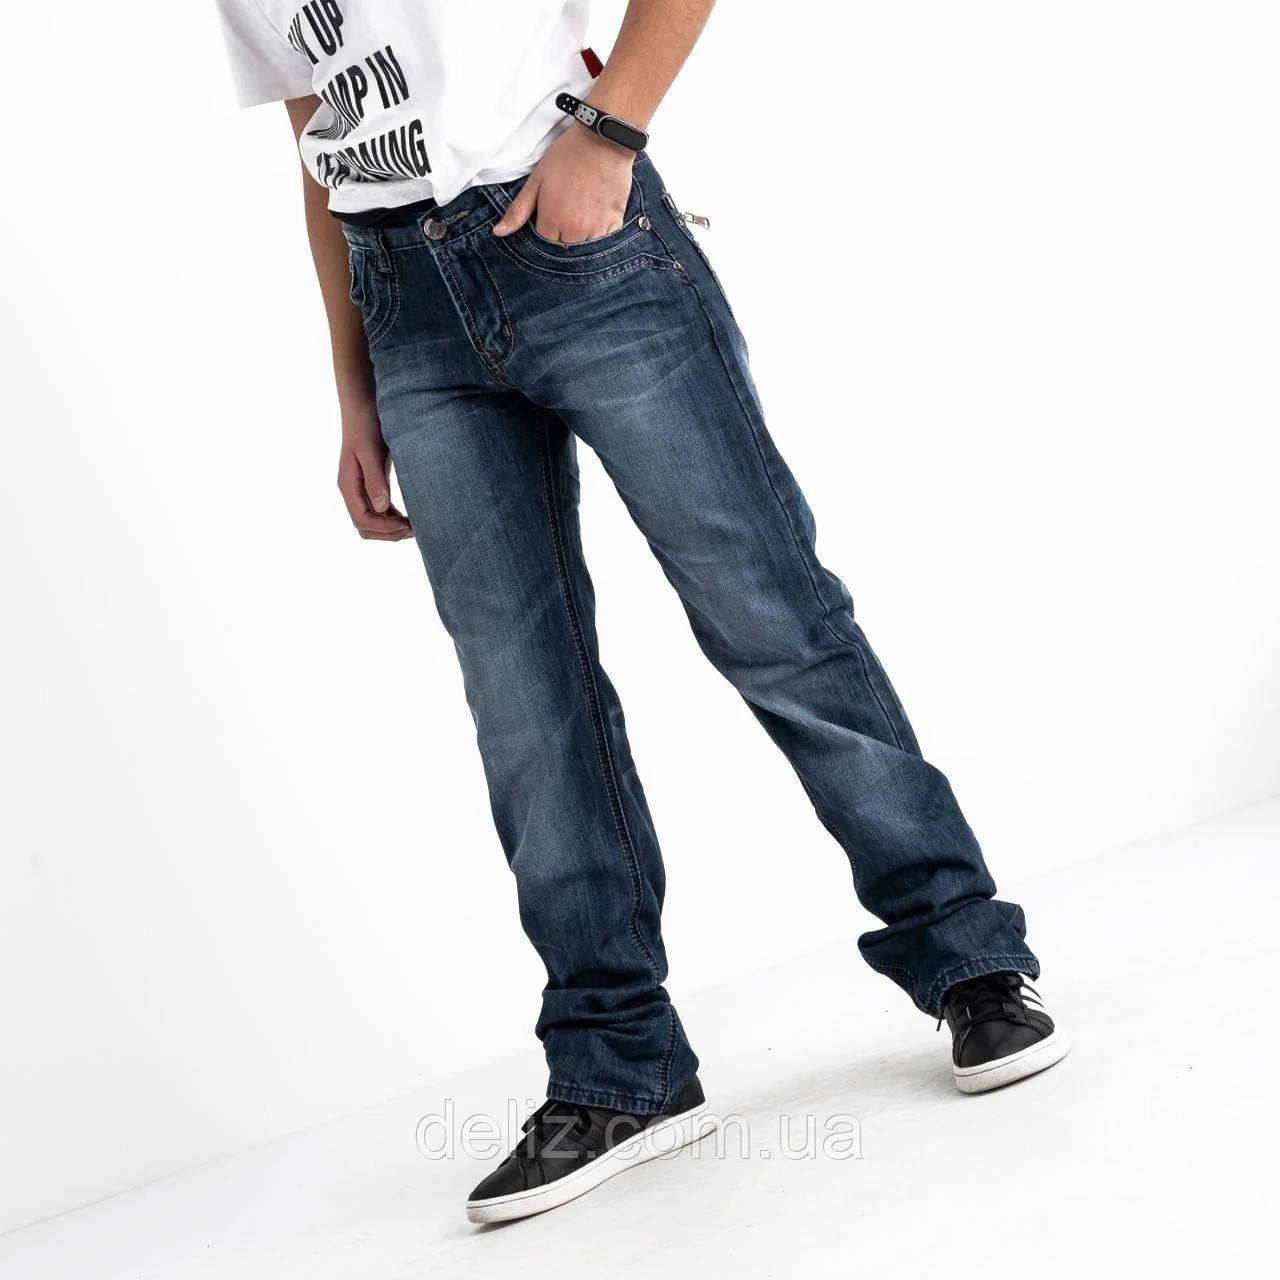 Синие однотонные джинсы Vigoocc 7046. Размер 28 (на 13-14 лет, есть замеры)